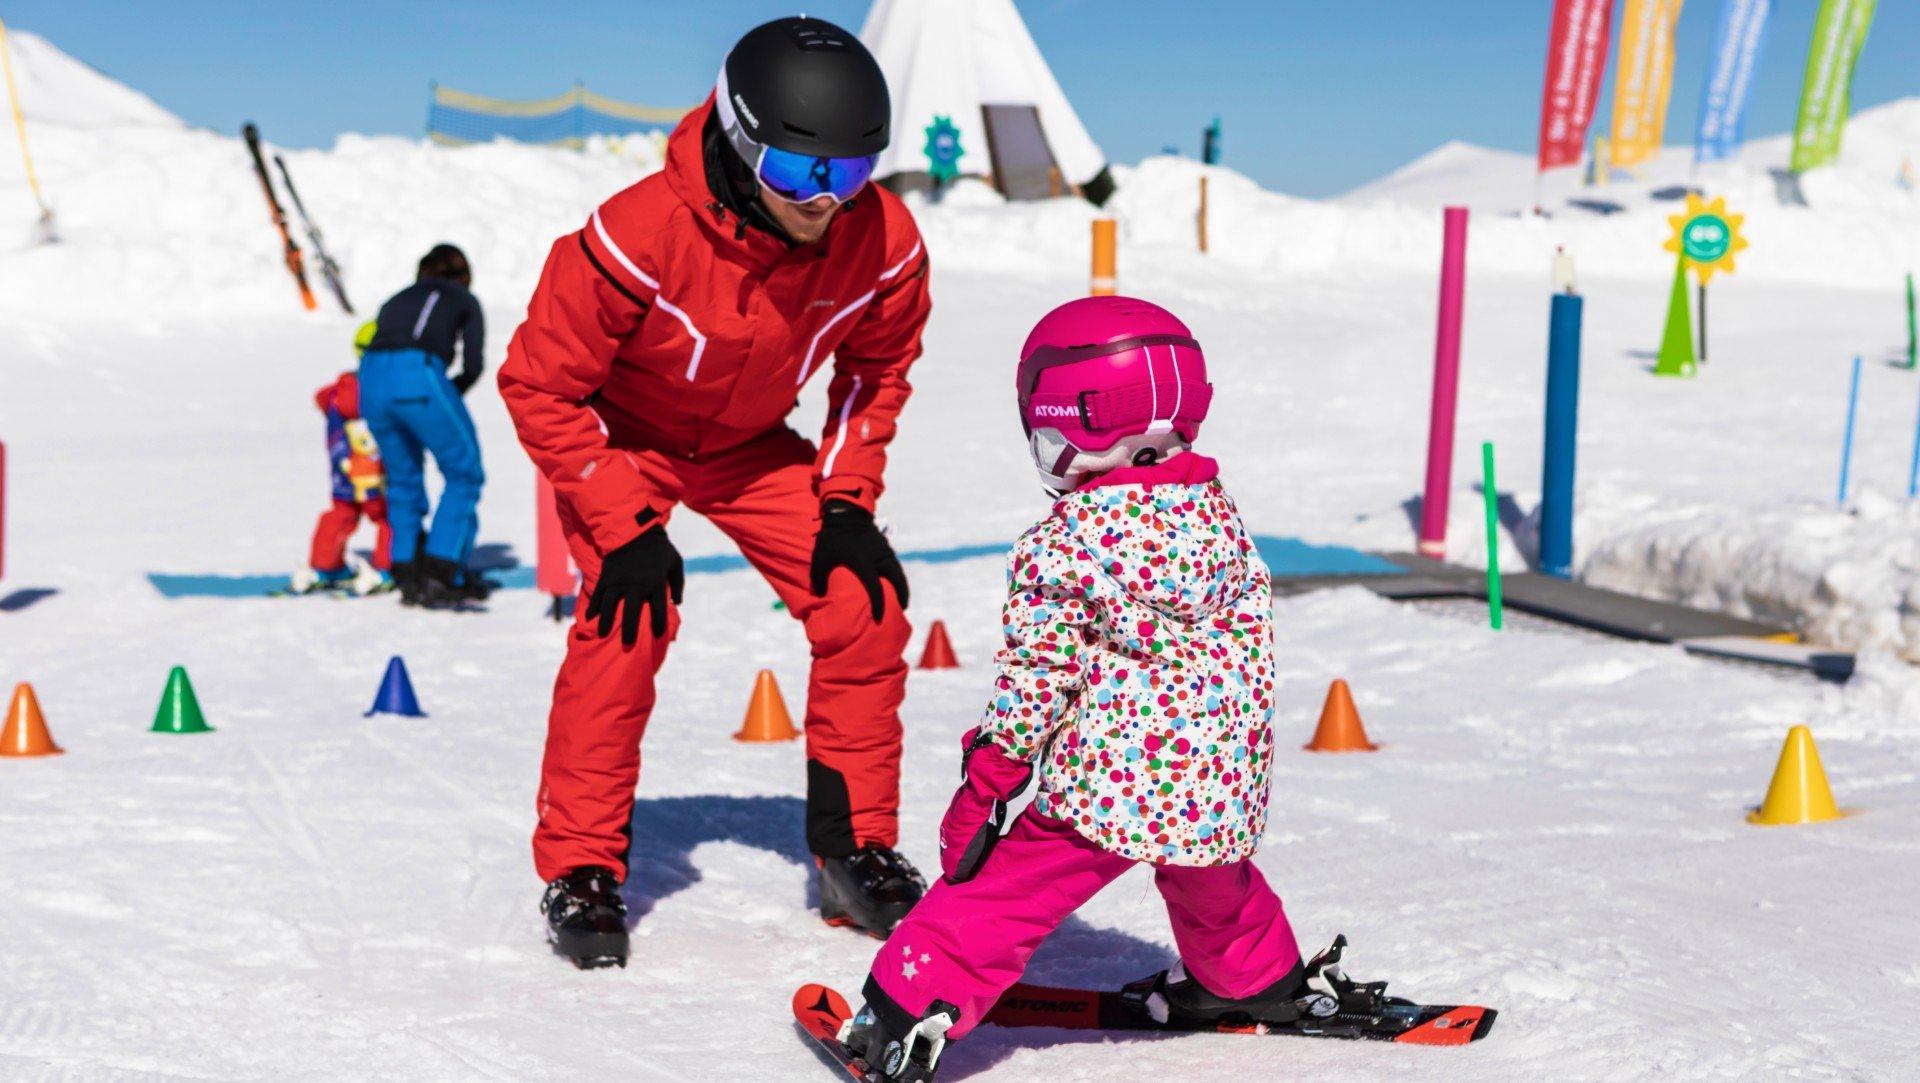 Ein Skilehrer gibt einem kleinen Mädchen Skiunterricht.